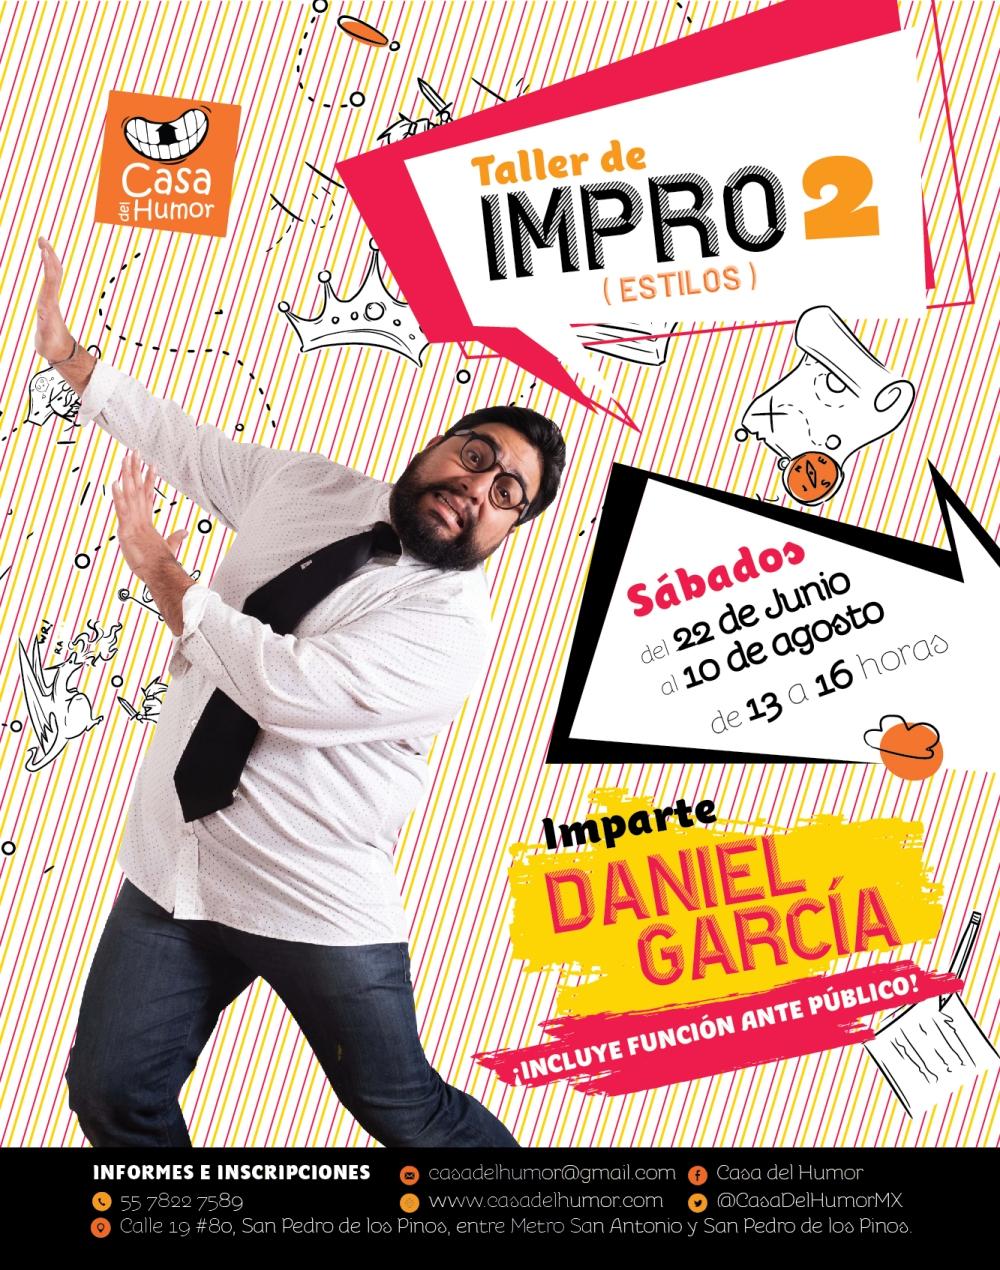 Casa_del_humor_impro2_daniel_garcia-01